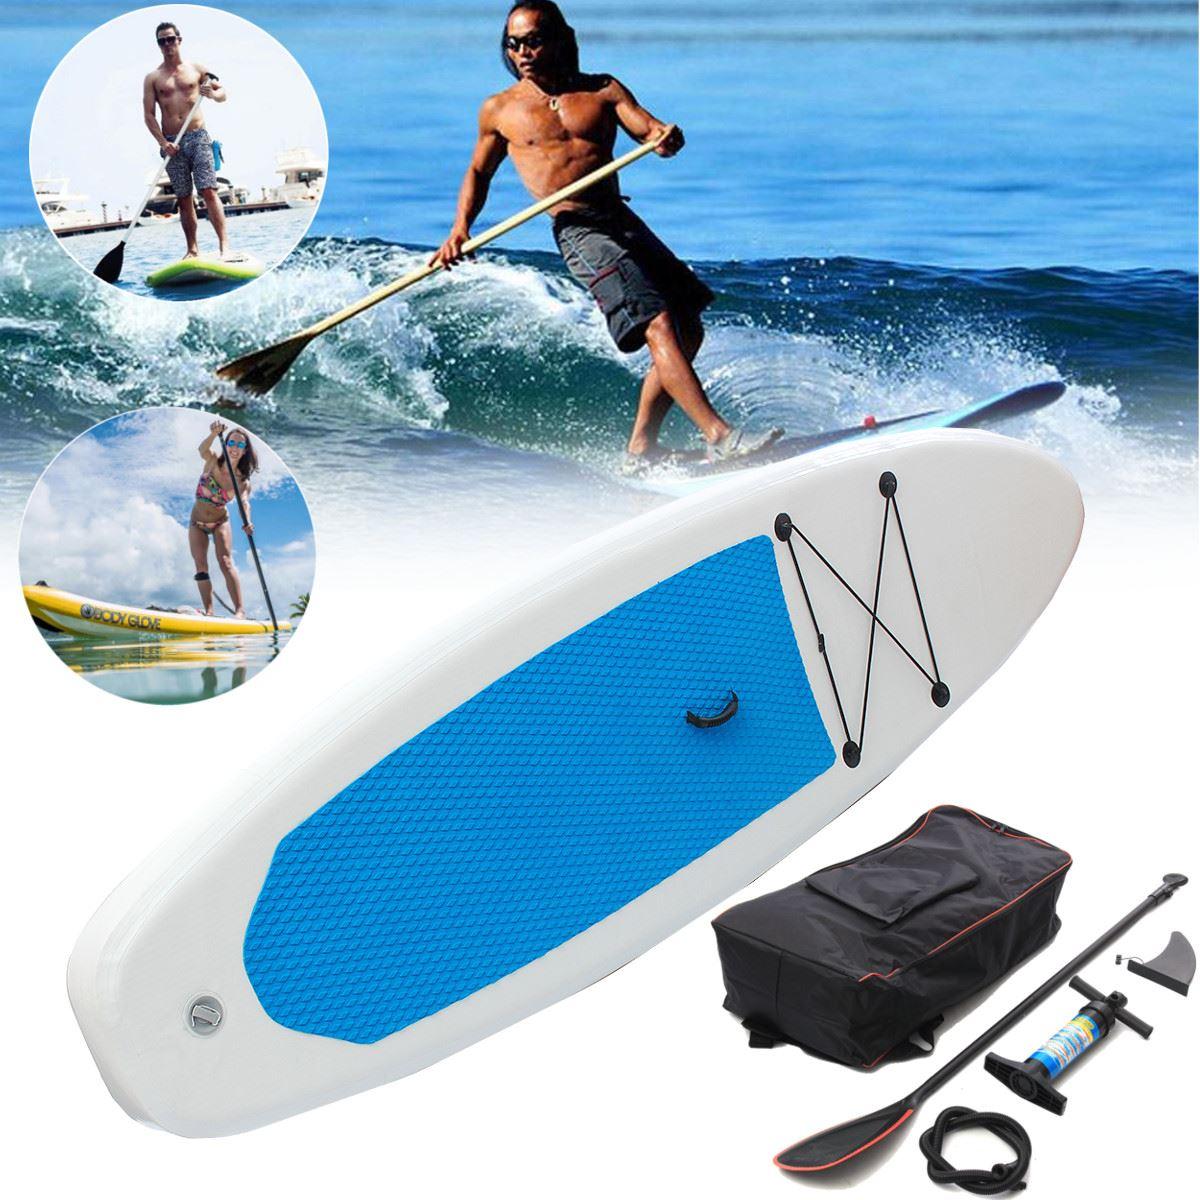 Она 122x27x4 дюйма встать Киль доски для Серфинга Надувные Совета SUP комплект Wave Rider + насос Надувные весло для серфинга лодка